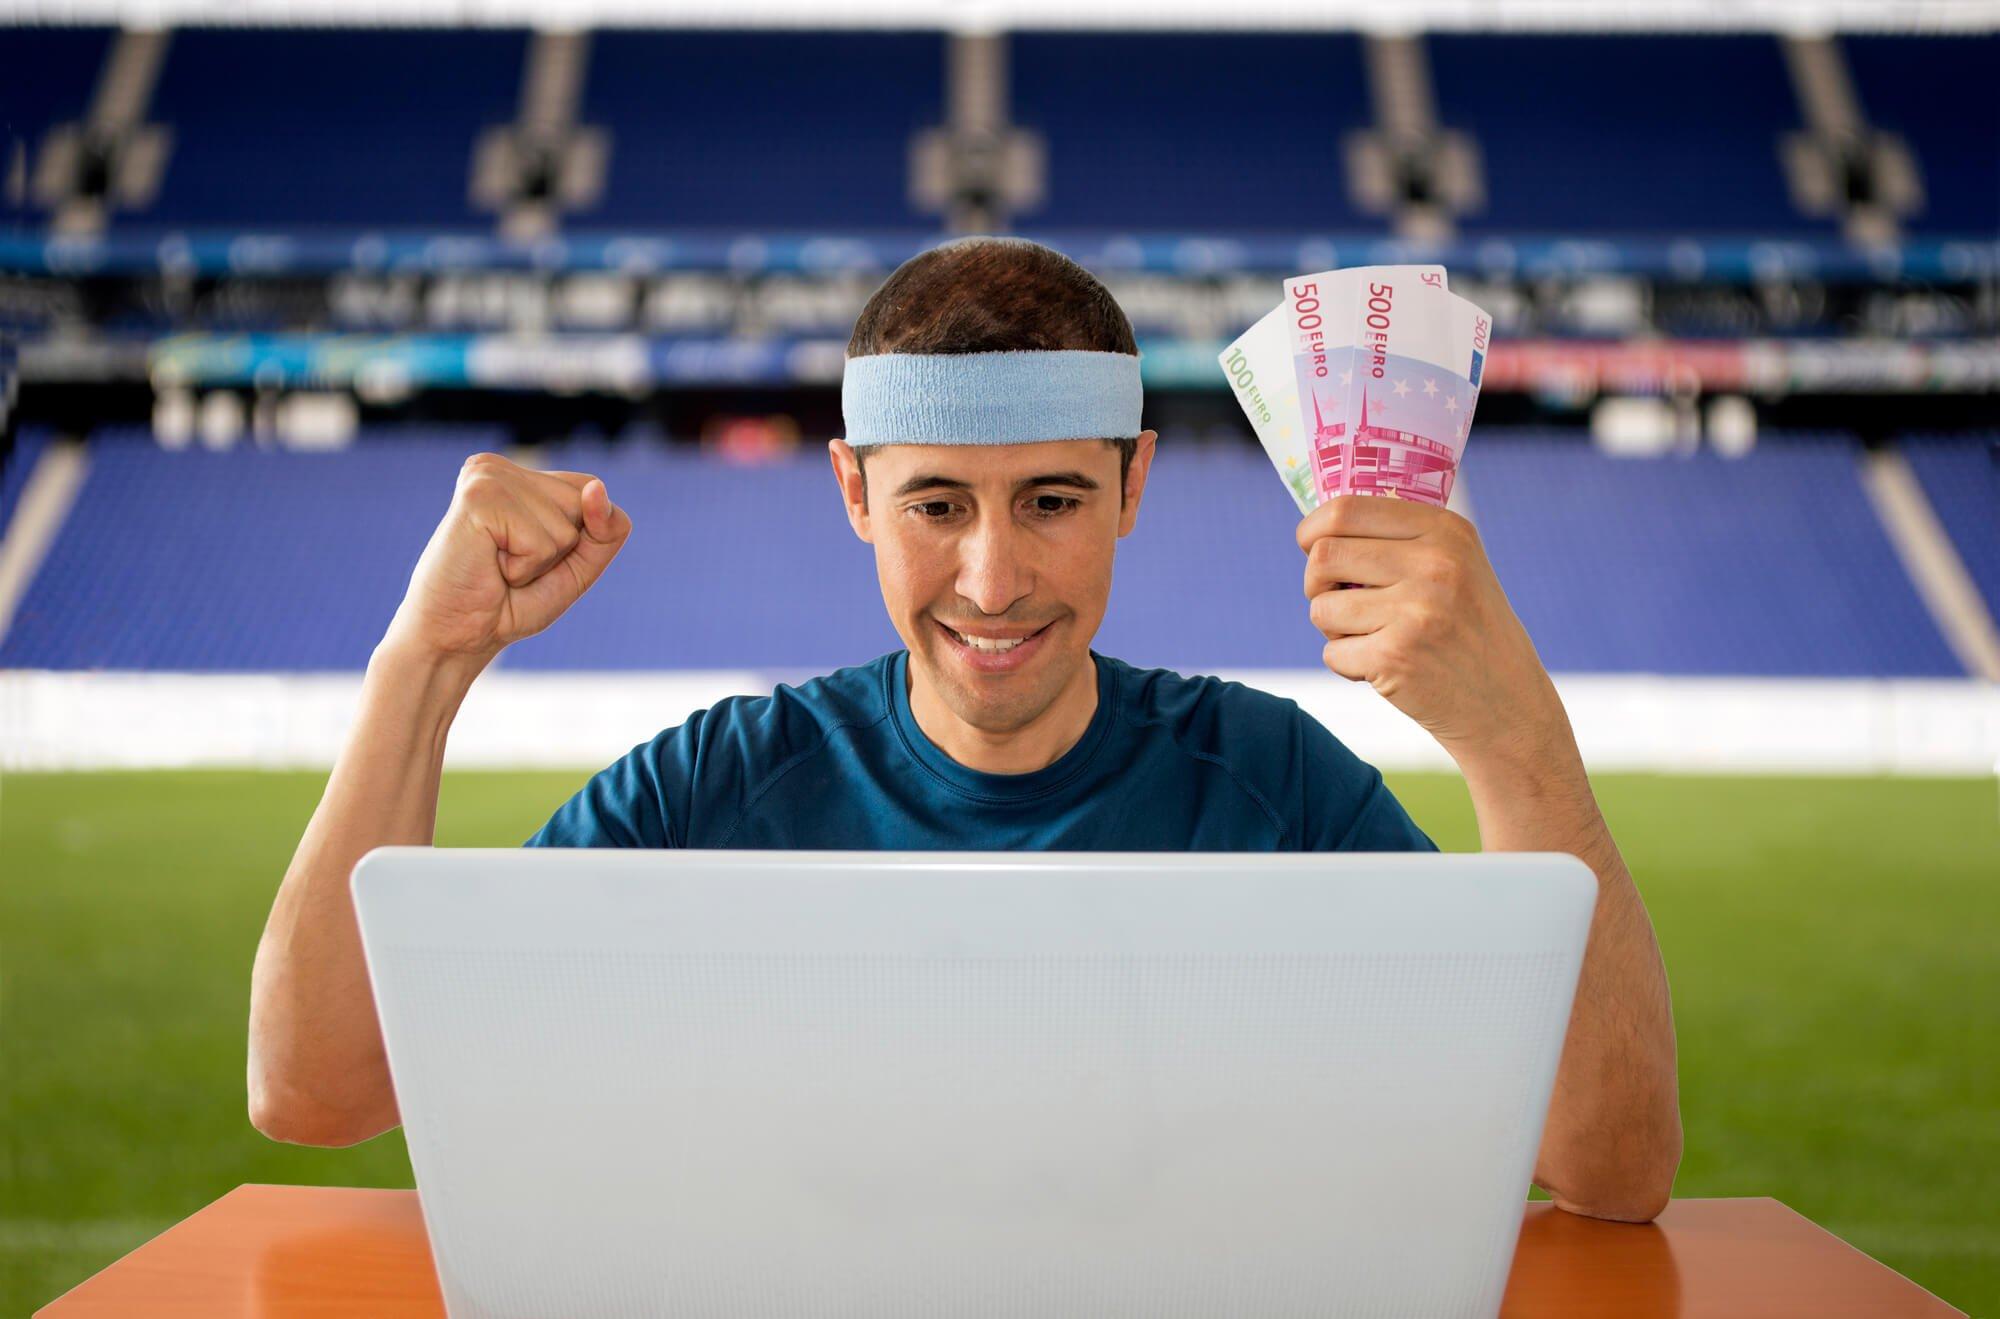 ventajas de usar nuevo Sportsbook